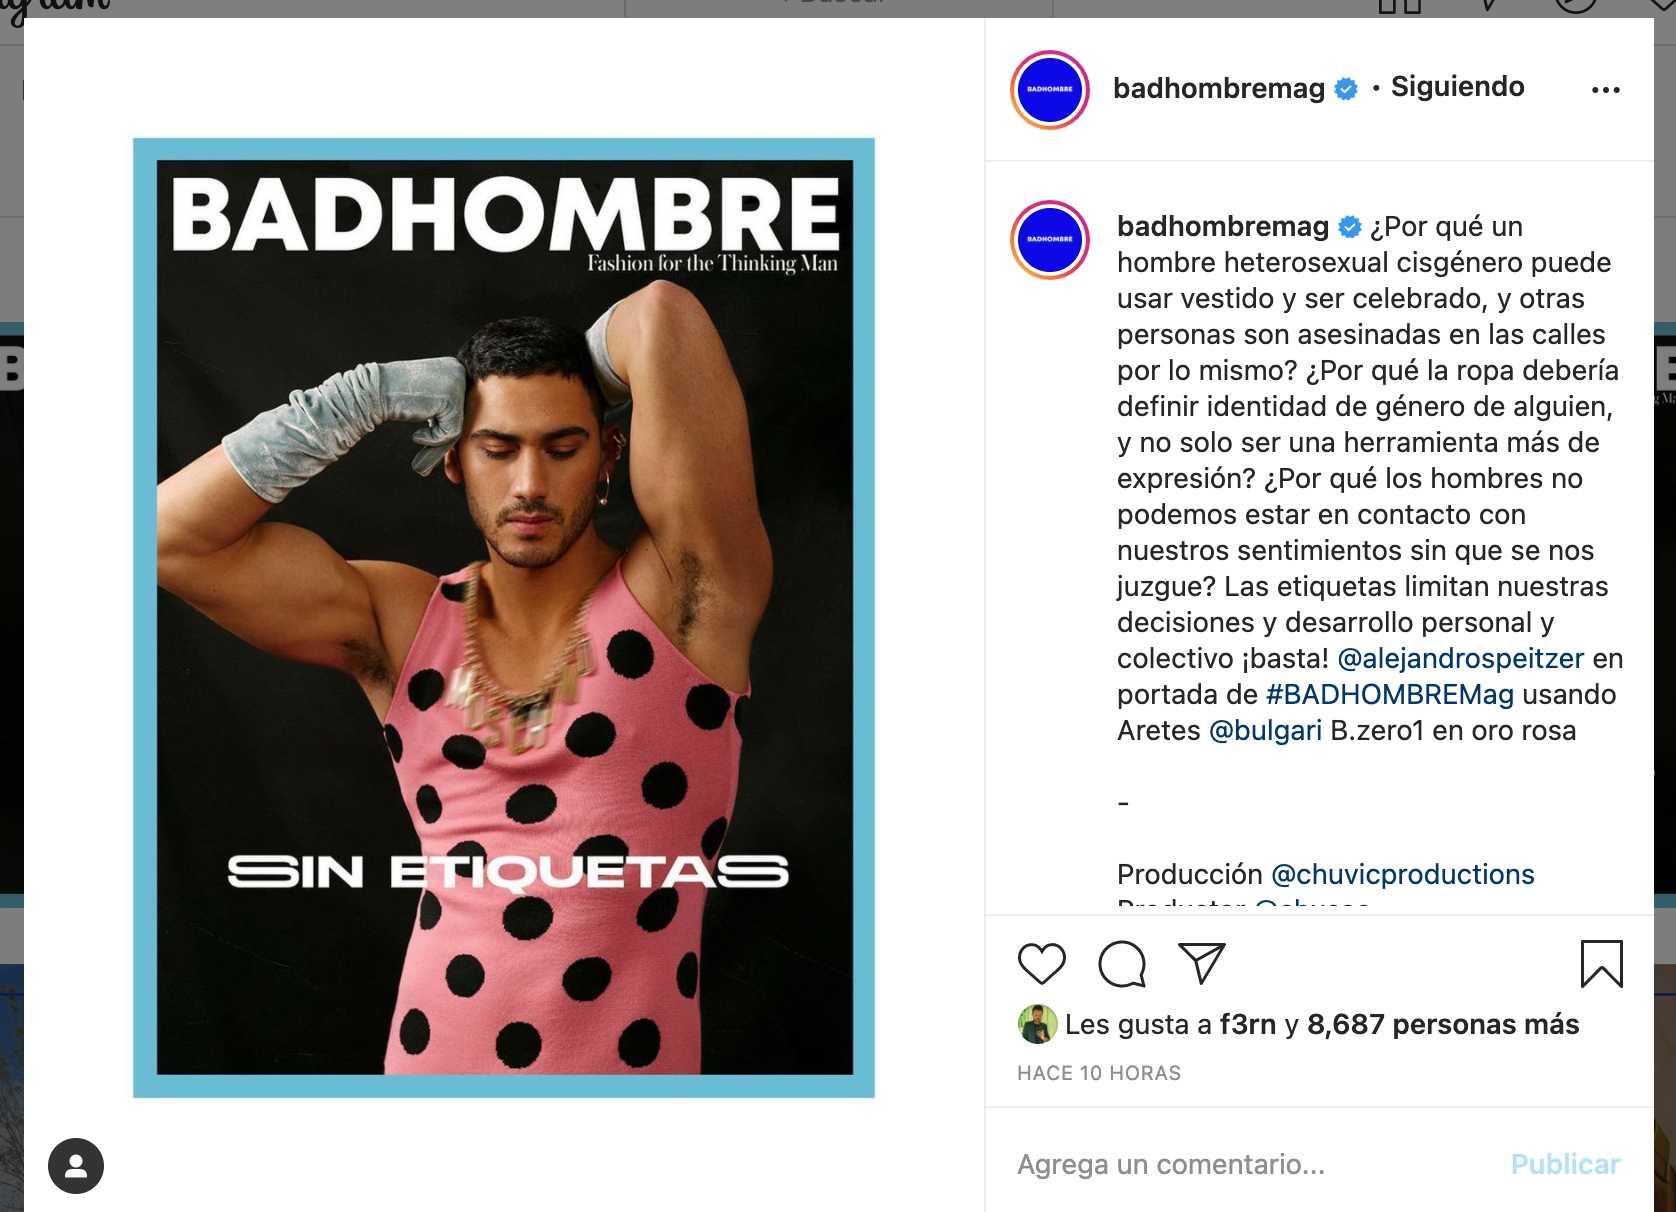 Alex Speitzer posa con vestido en badhombre magazine